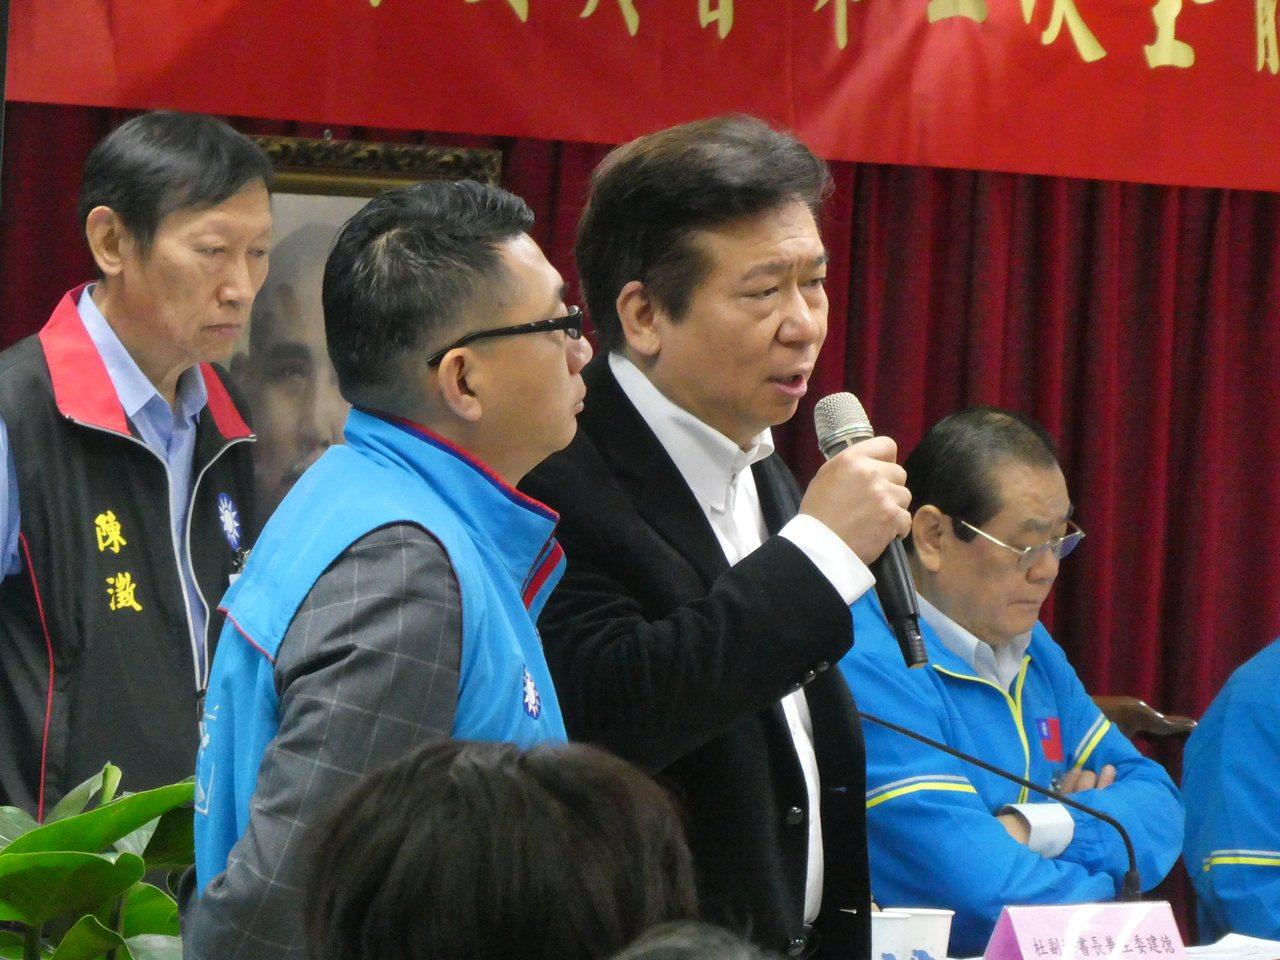 国民党上午召开中央委员会议对下届不分区立委提名人进行同意权投票,最后仅陆委会前副...